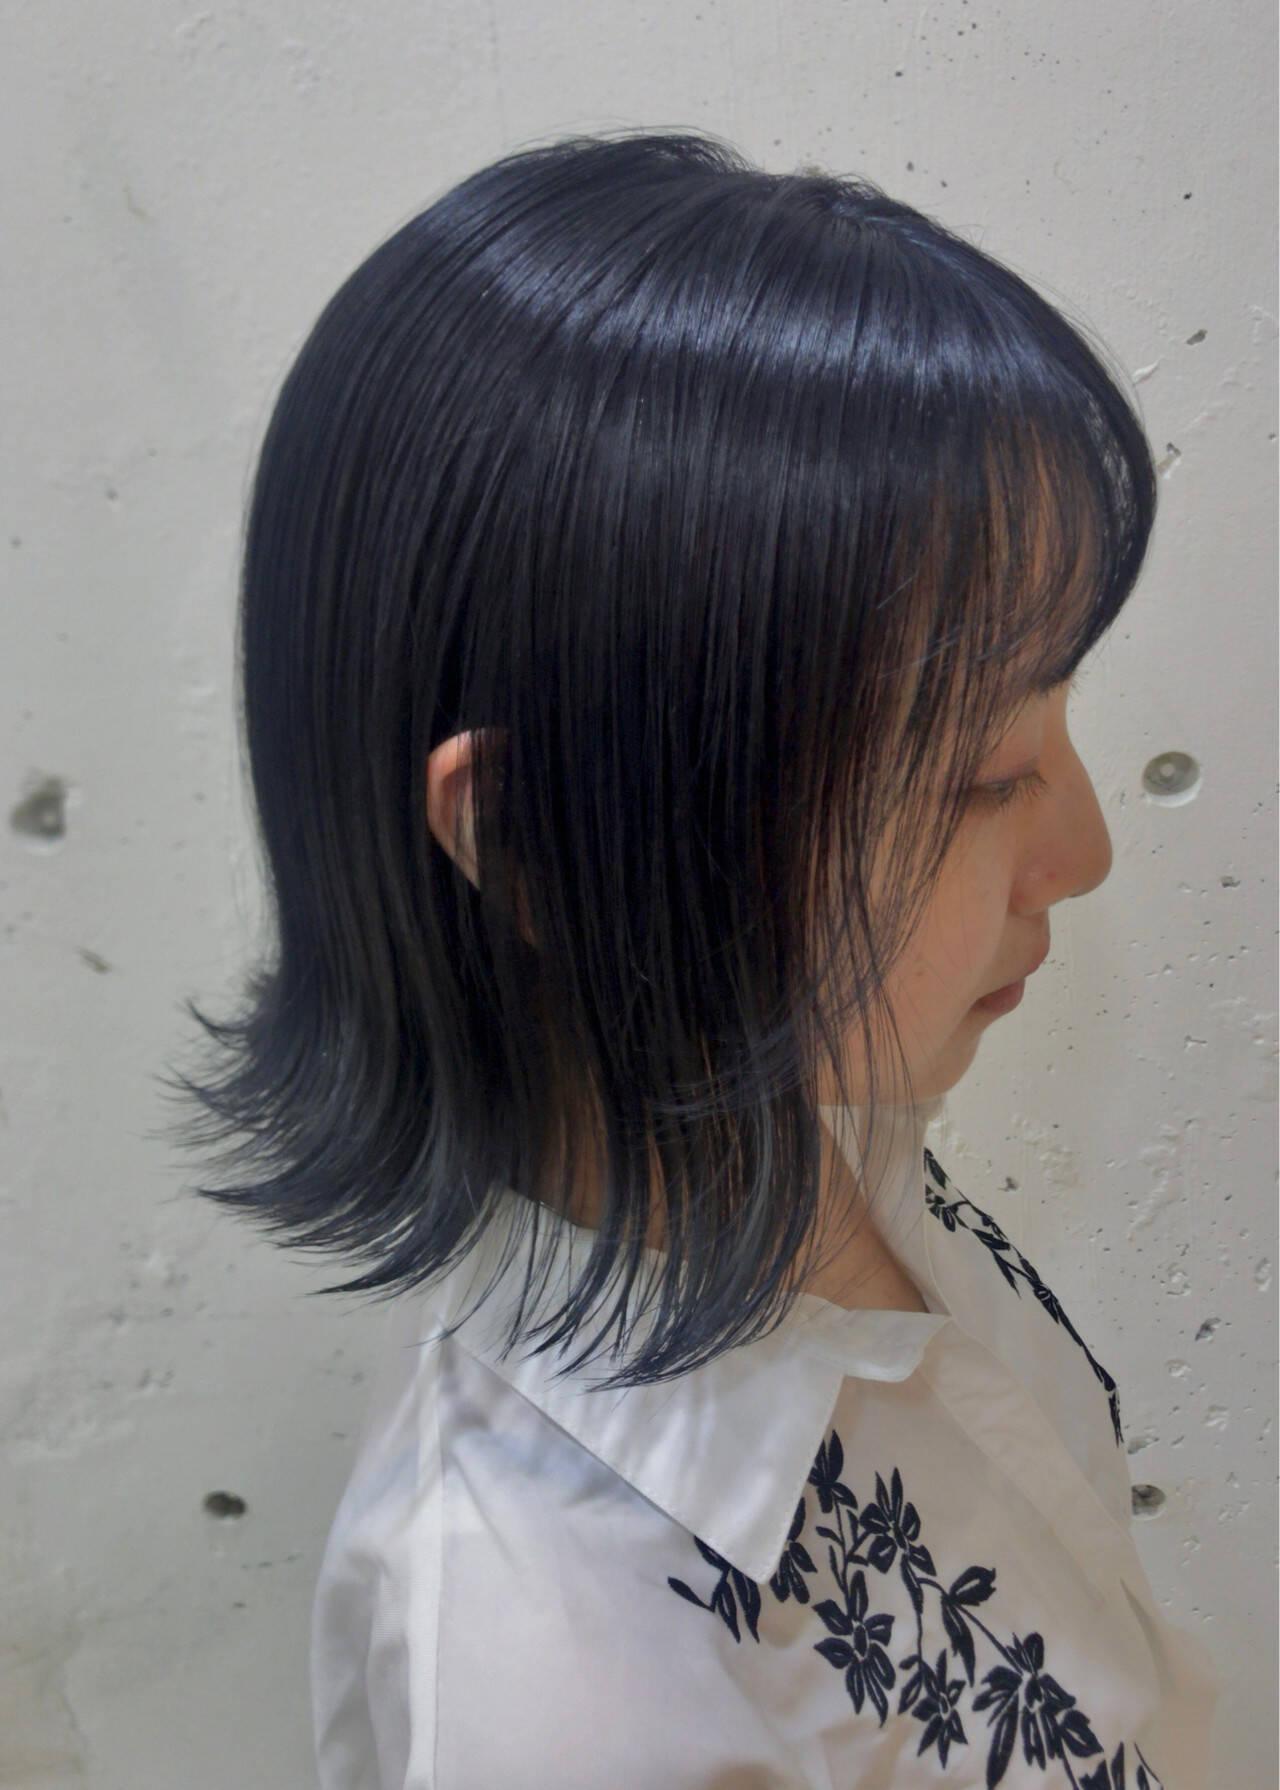 アッシュグレー ネイビー スモーキーアッシュ ネイビーブルーヘアスタイルや髪型の写真・画像